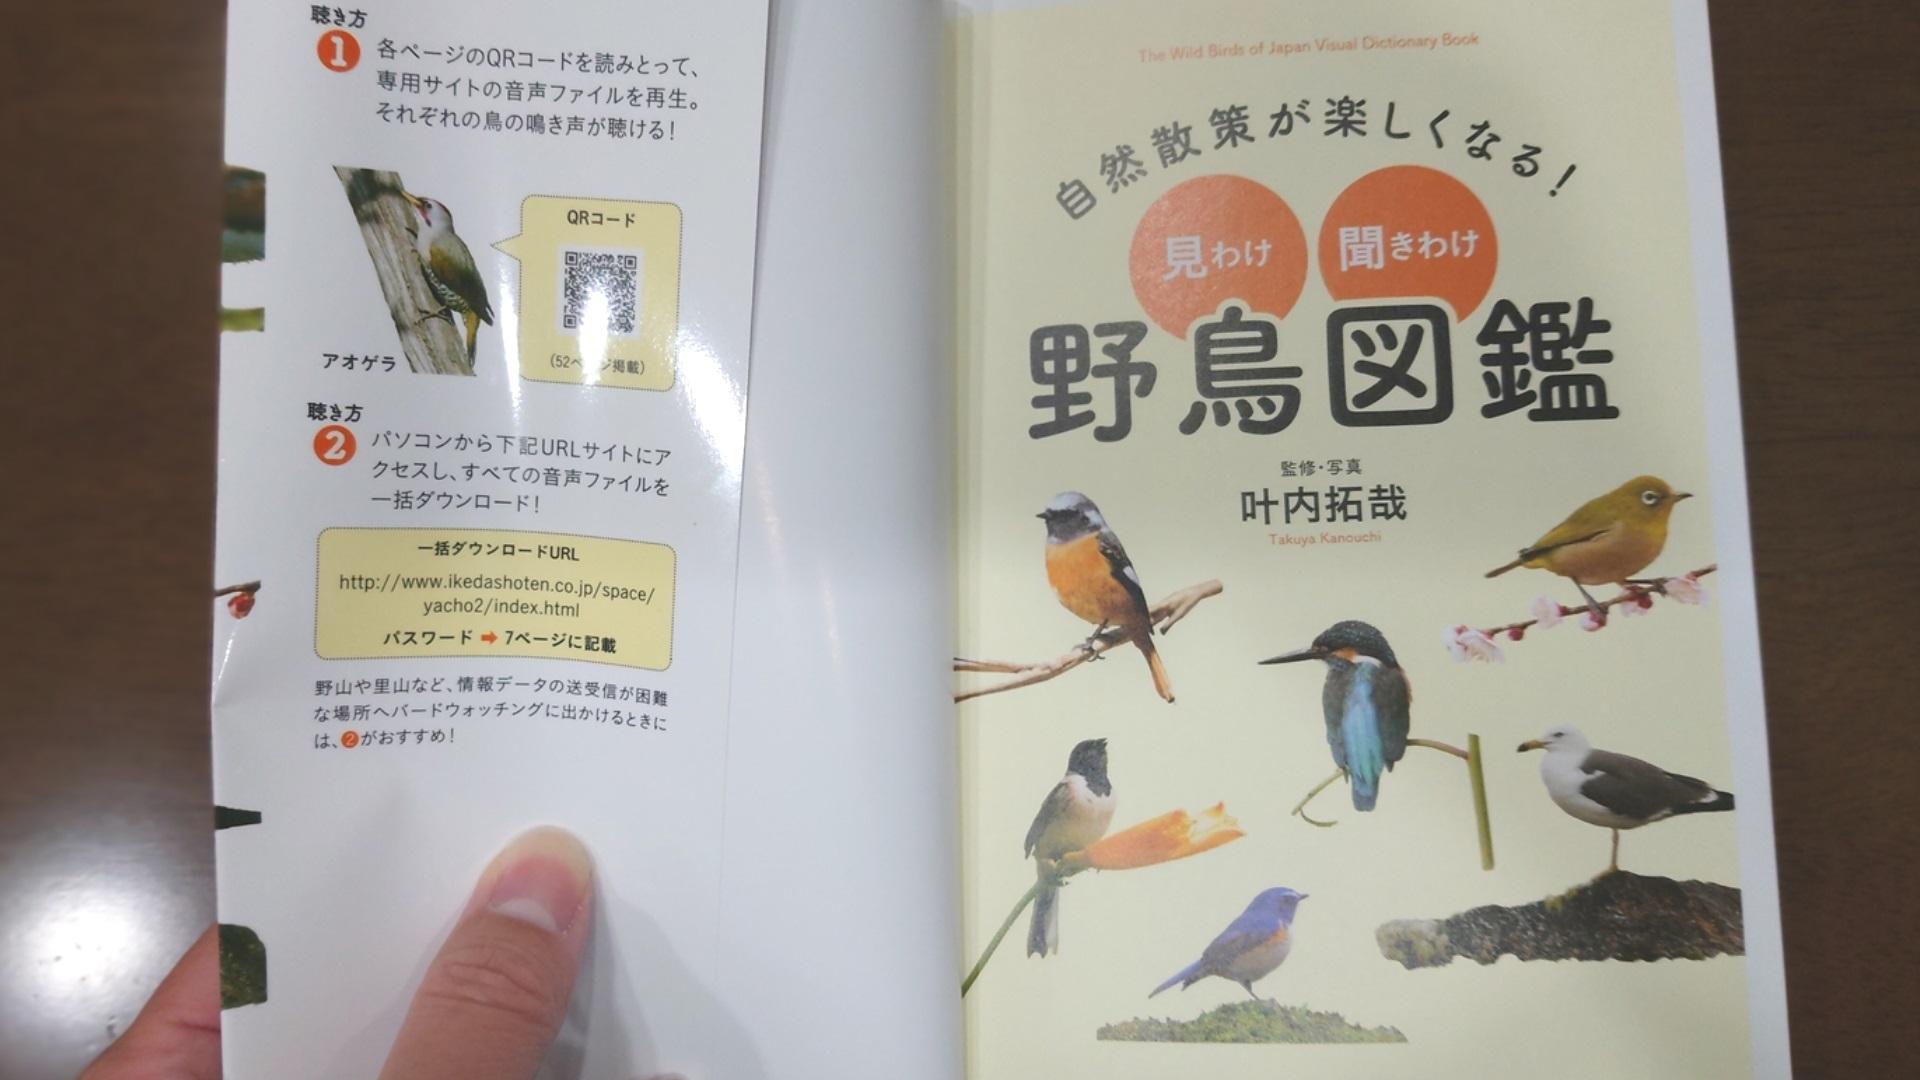 鳥の鳴き声解説がついていて、QRコードを読み込めばすぐに鳴き声を聞くことができます。 身近な野鳥も多く載っているので、子どもだけでなく大人も楽しめます!